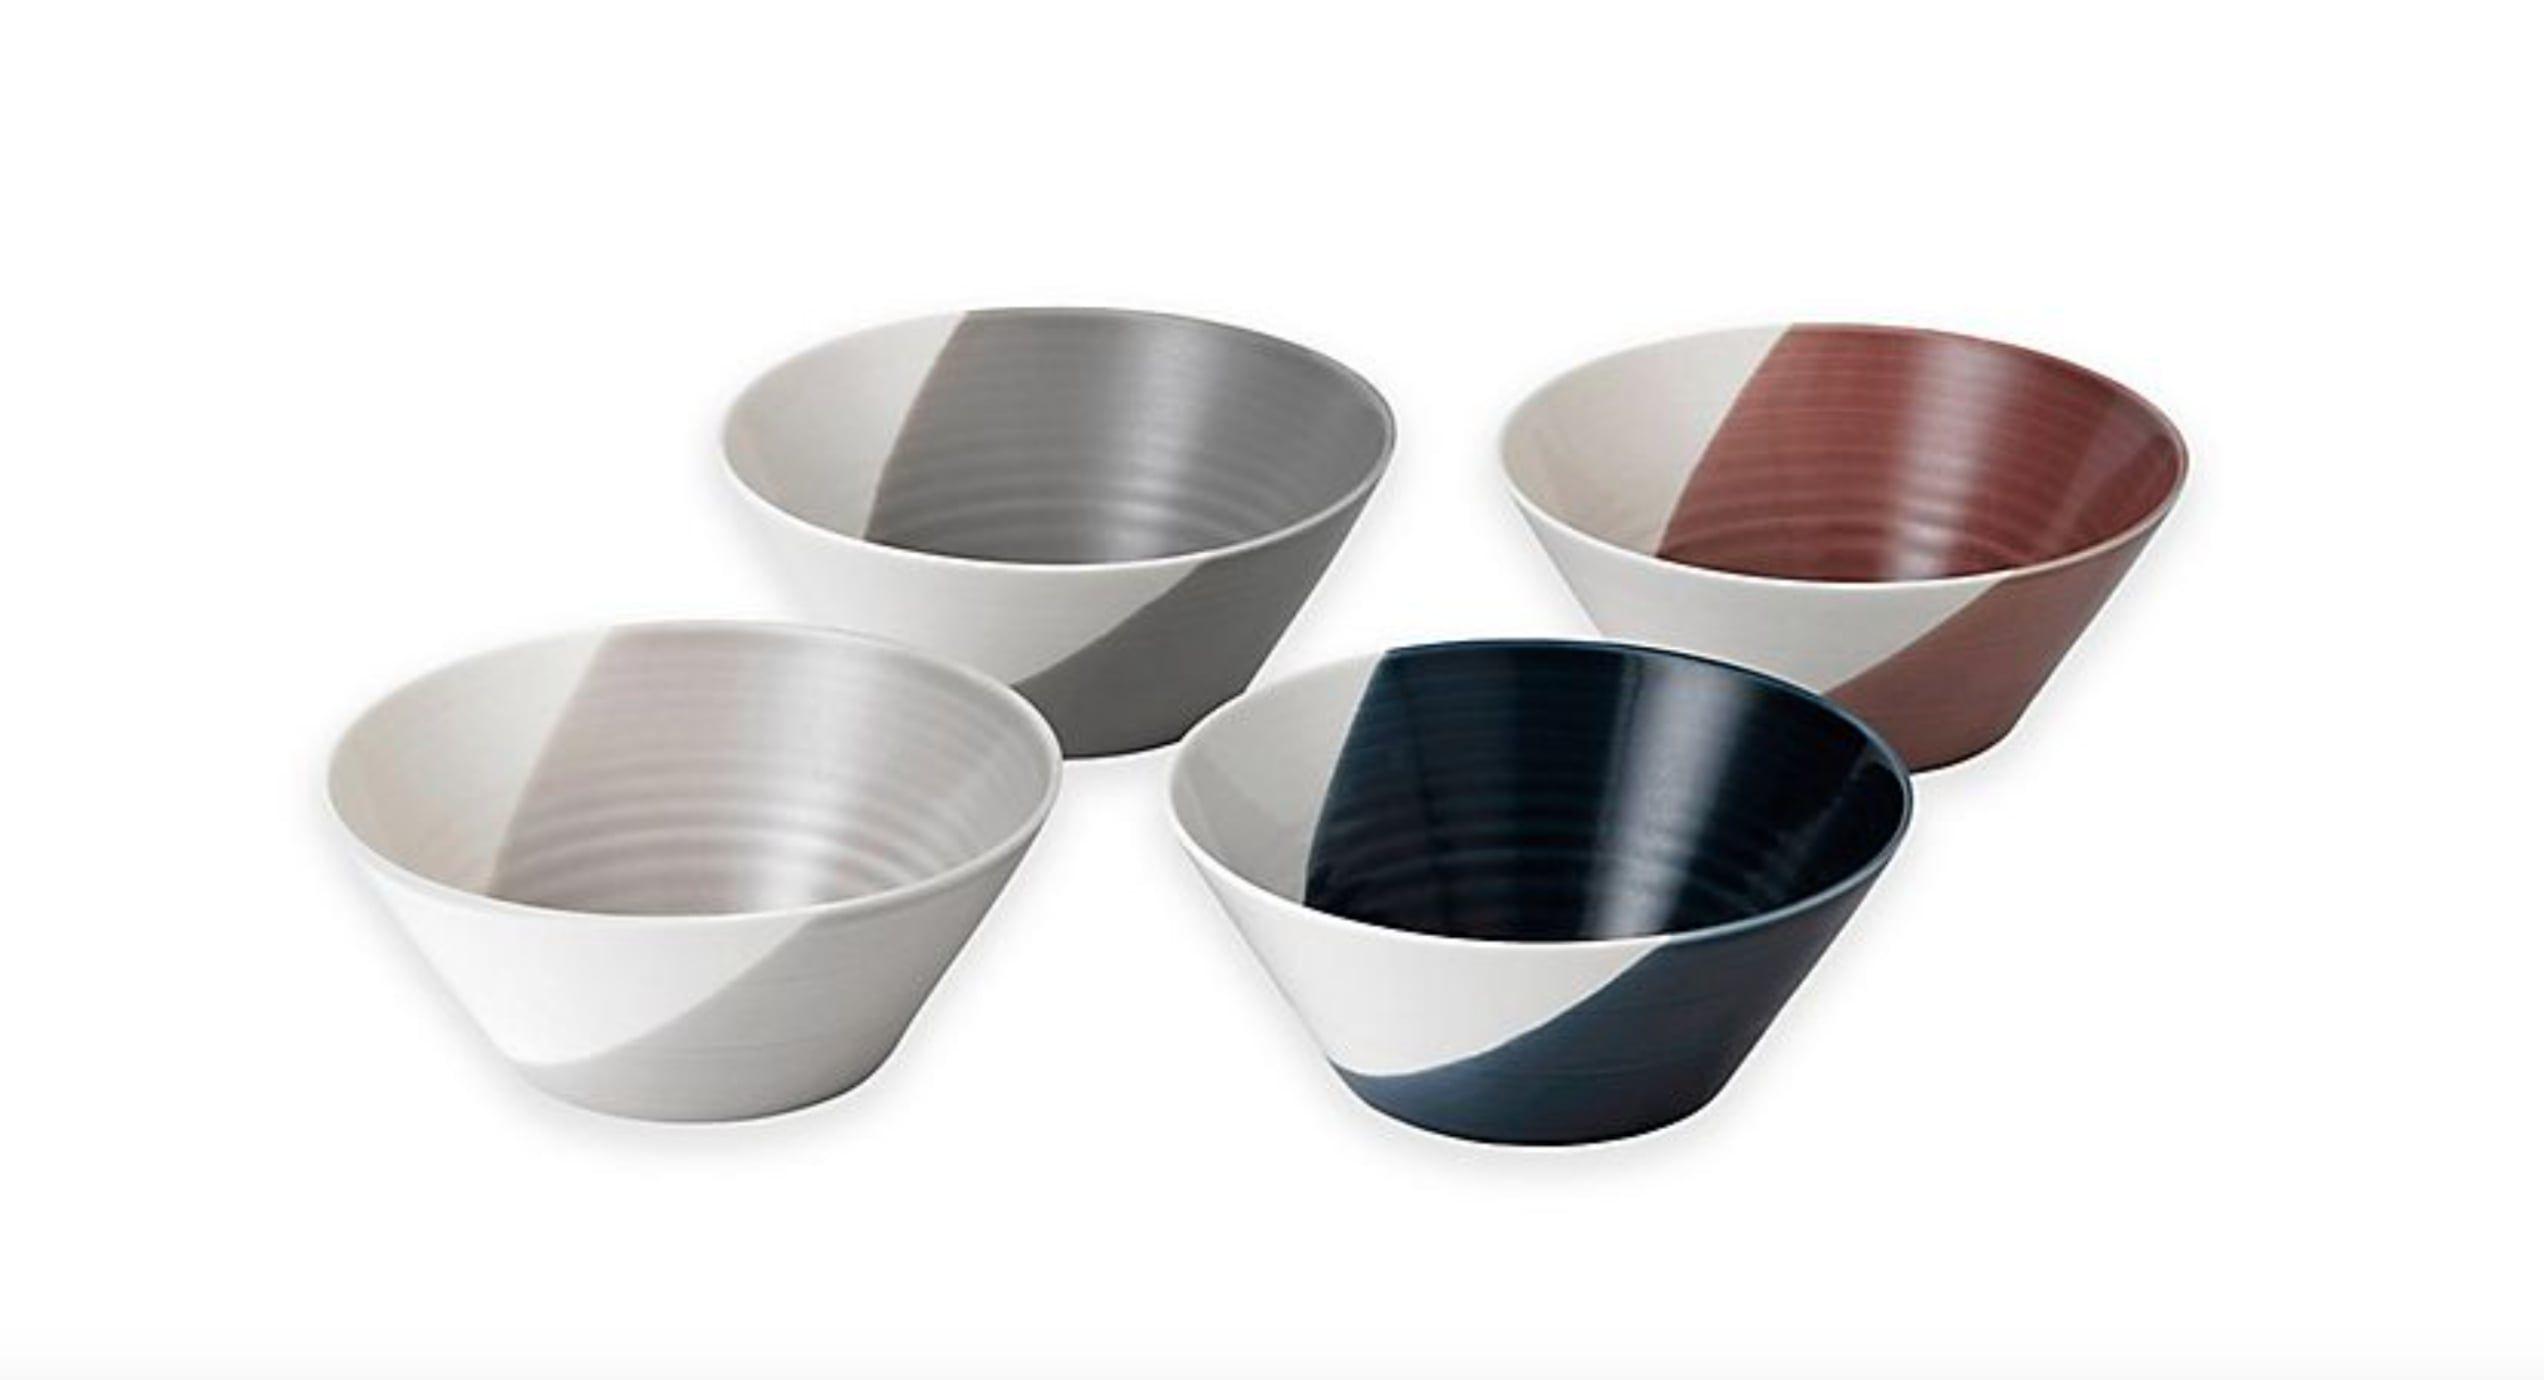 royal-doulton-bowls-of-plenty-noodle-bowls